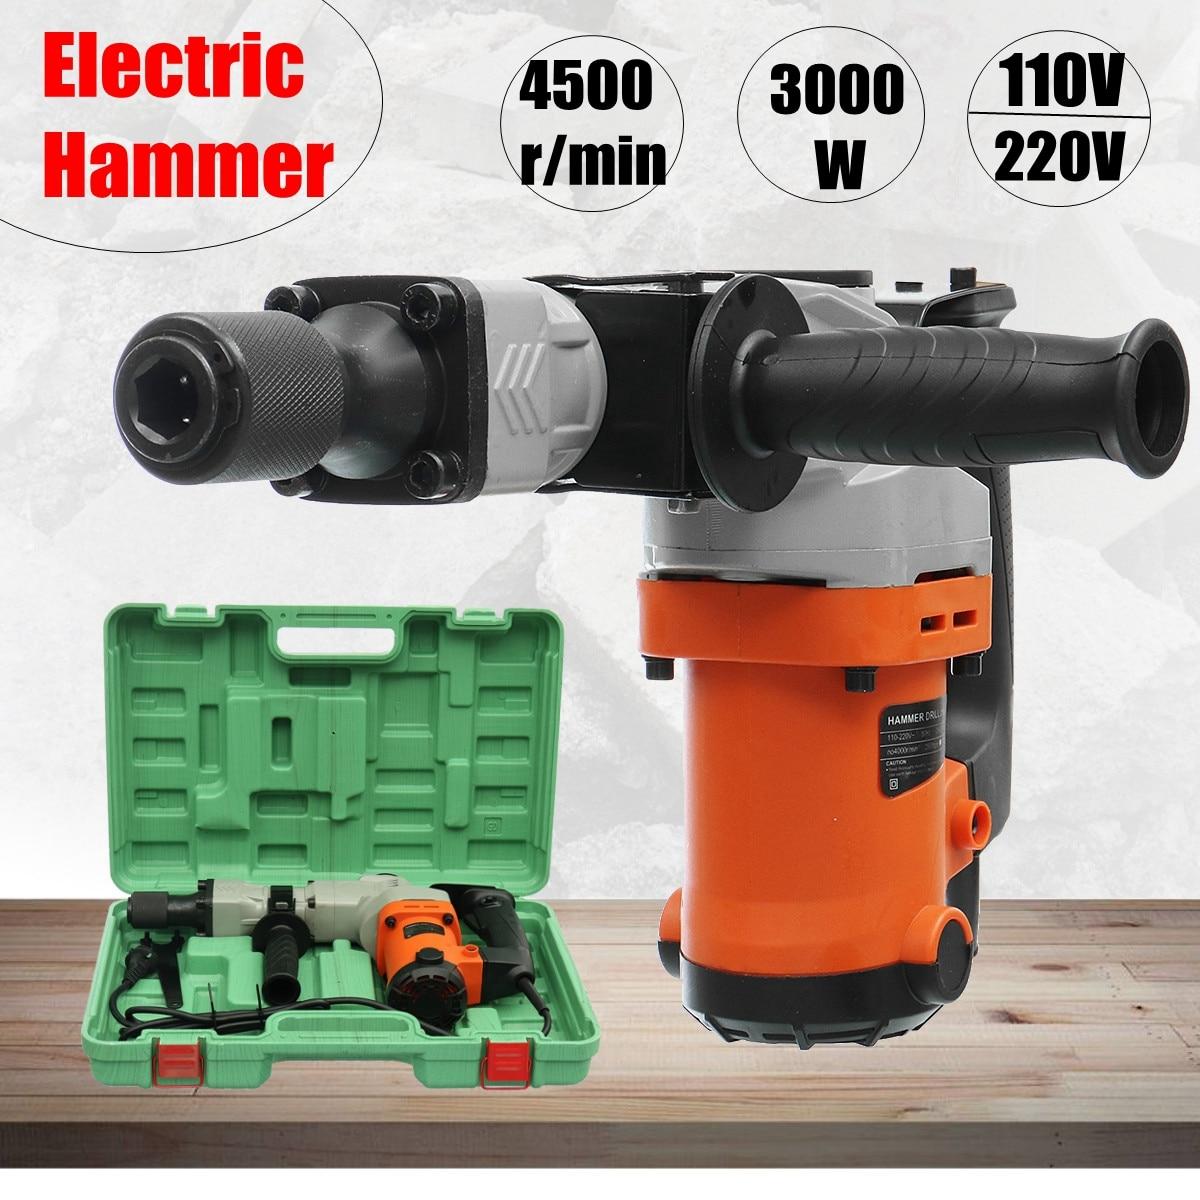 220 V Trapani Elettrici 3000 W Elettrico Demolition Hammer Drill Concrete Breaker Pugno Jackhammer 3000BPM